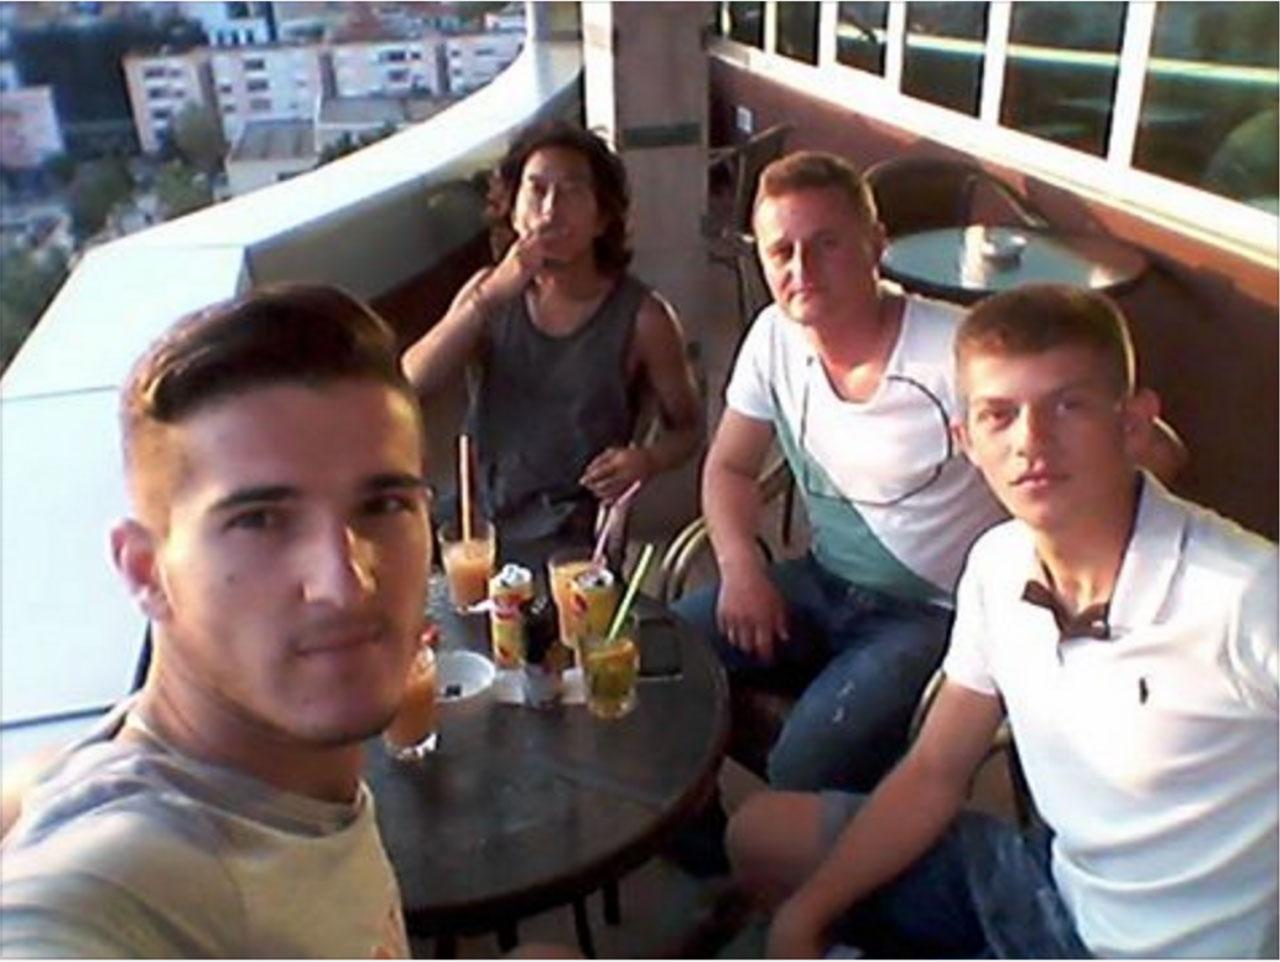 albanianfriends